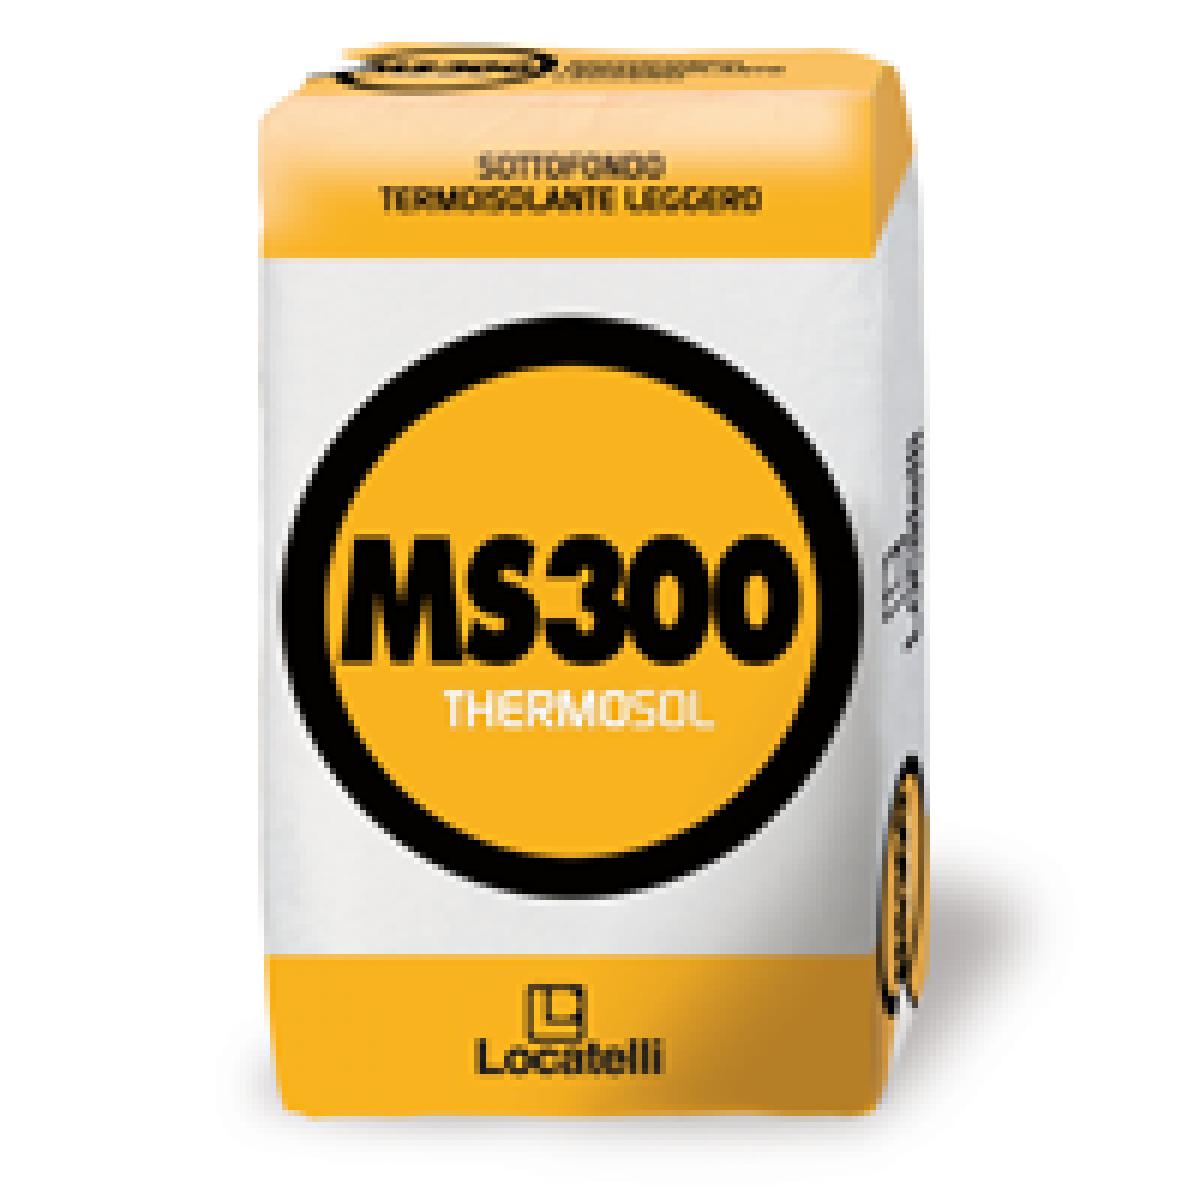 MS300 THERMOSOL è un sottofondo termoisolante leggero, utilizzato per la realizzazione di sottofondi alleggeriti, sottofondi isolanti e isolazioni acustiche di solai e di coperture.